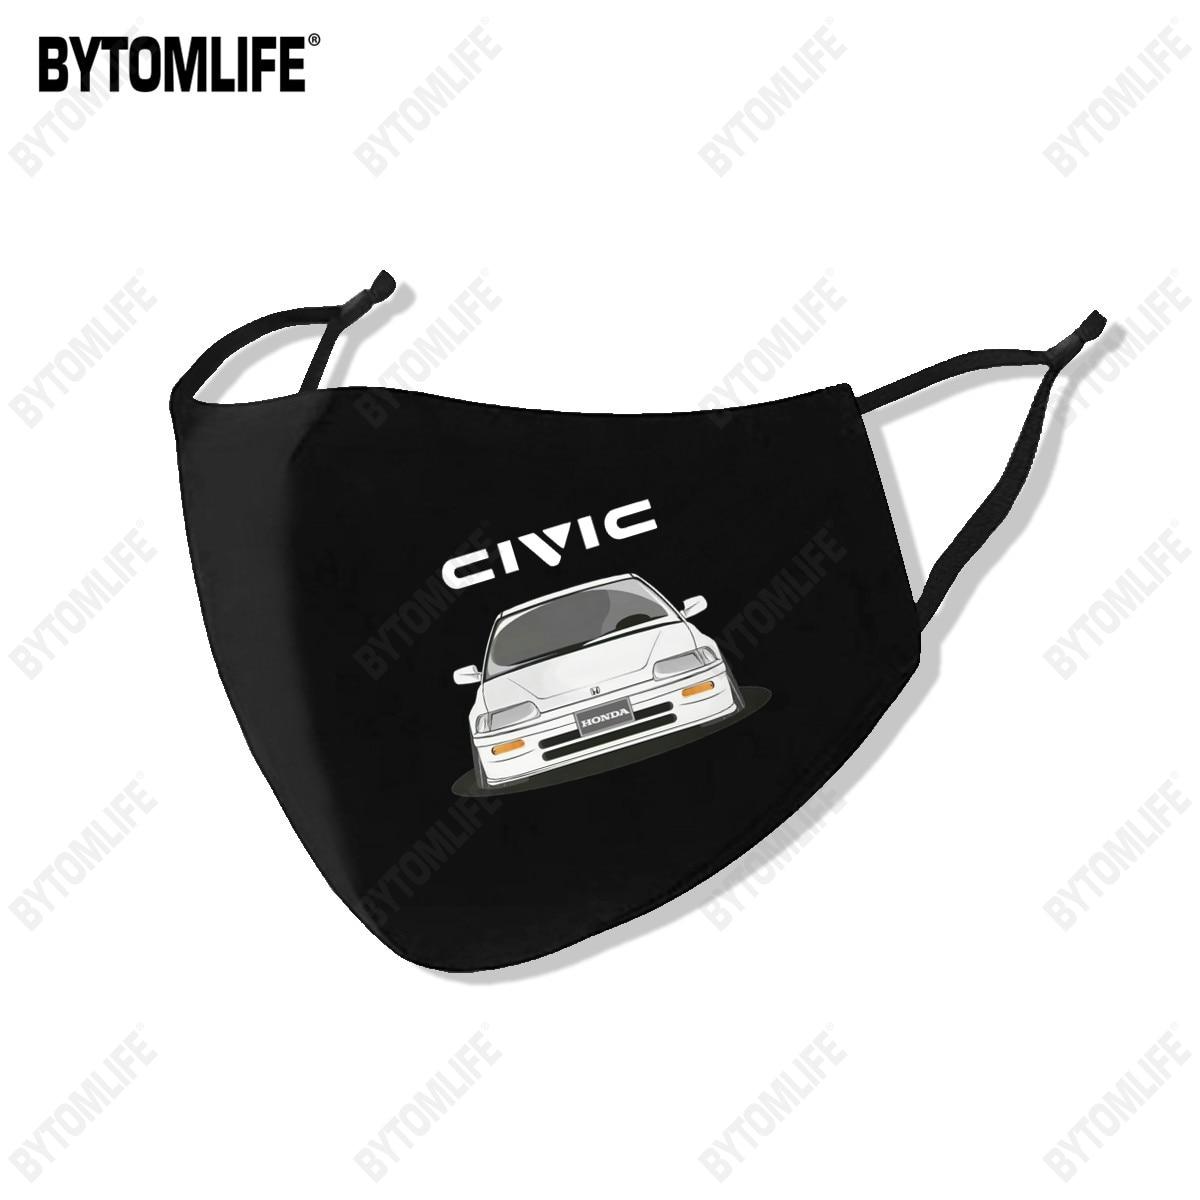 2021 new Civic Vtec Boost маска Автомобильная изготовлен из полиэстра, стирающаяся дышащая многоразовые Водонепроницаемый-и пыленепроницаемости: хло...